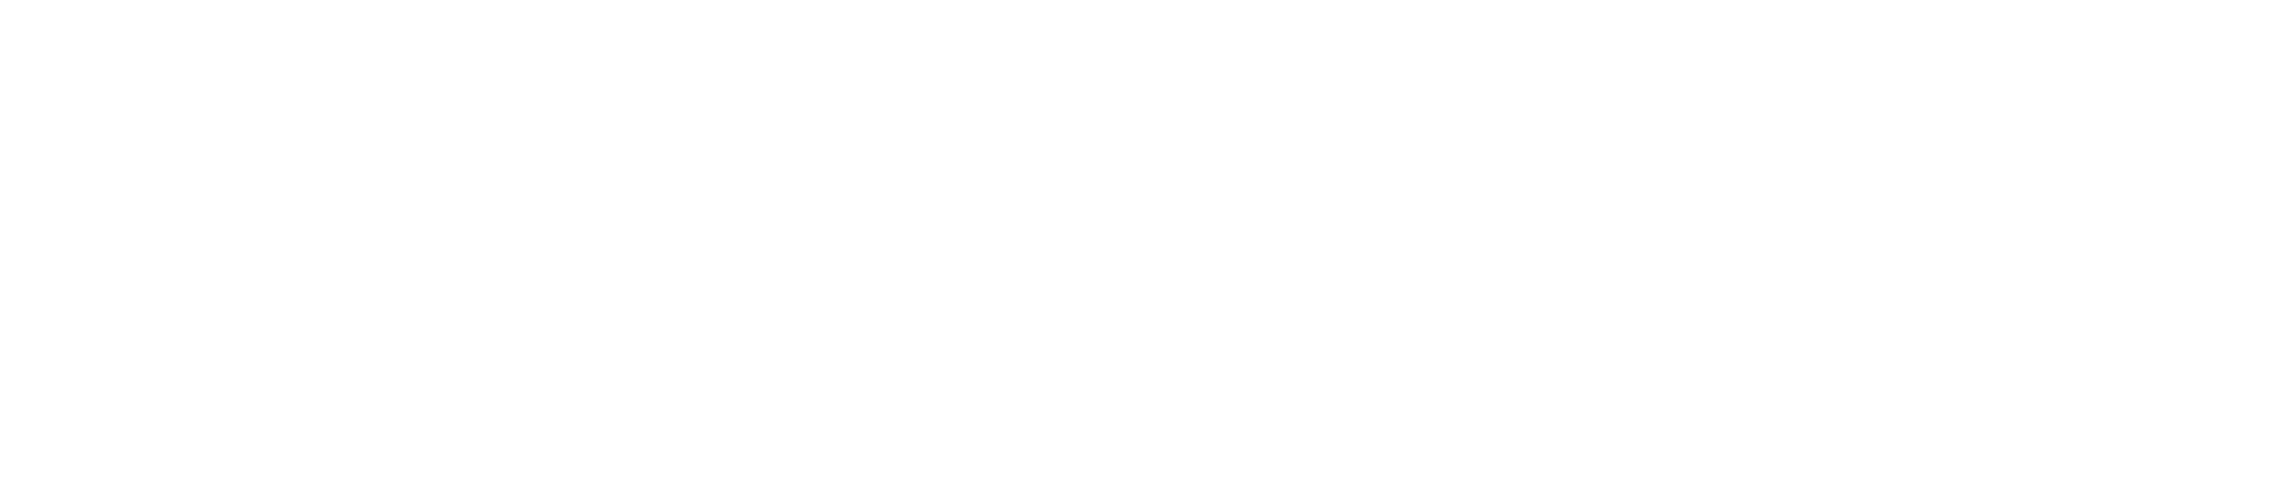 MakeTank